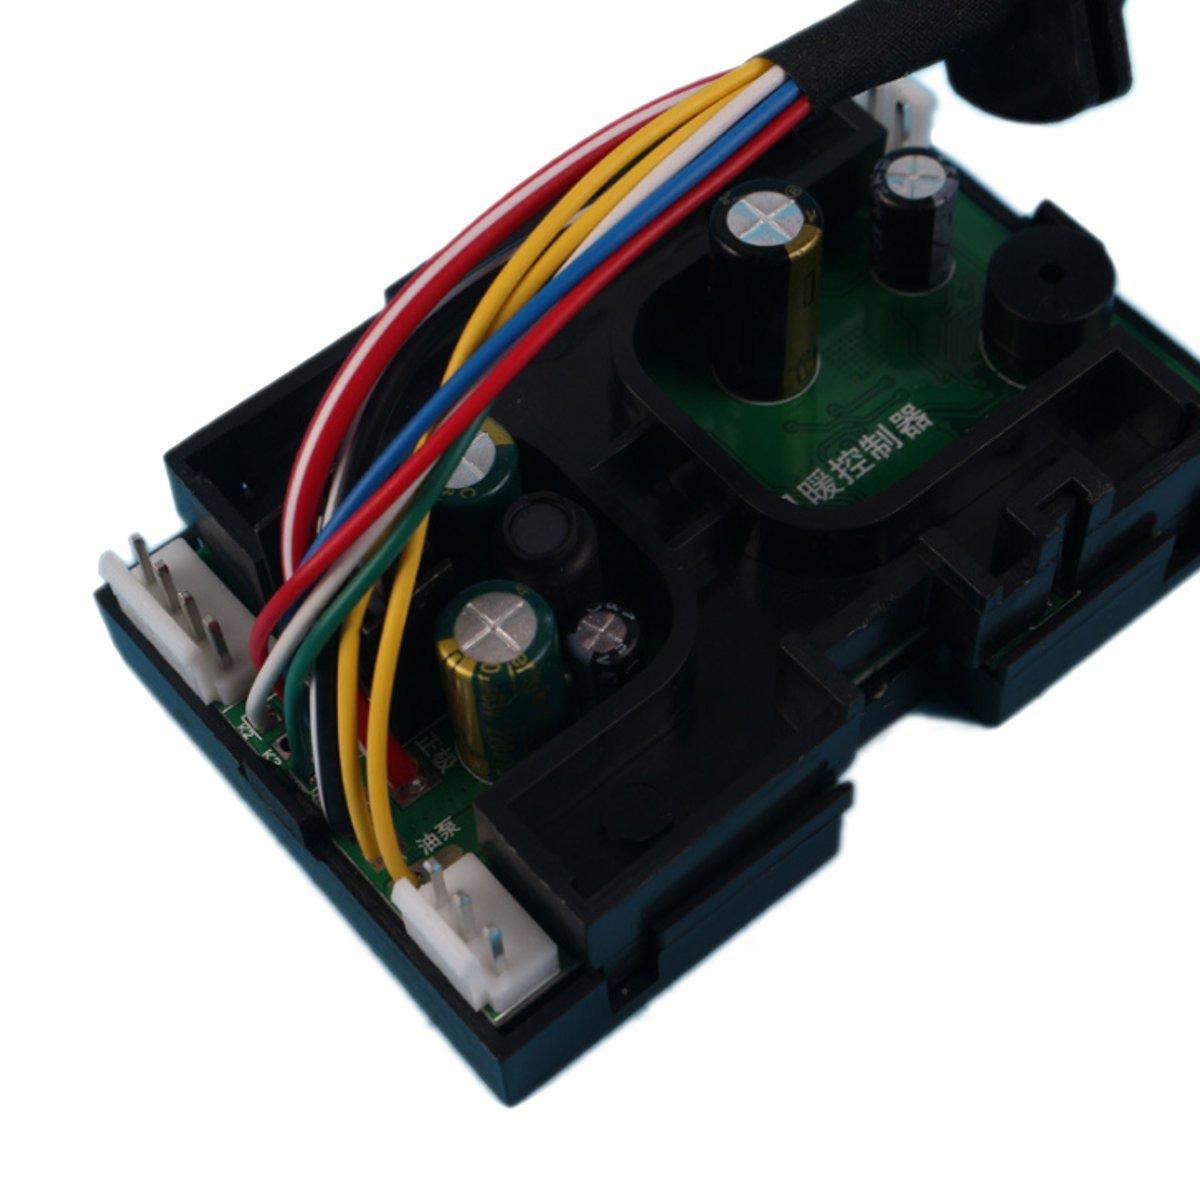 12V 24V 5KW Авто Нагреватель Основная доска управления Парковка Нагреватель Аксессуары-1TopShop